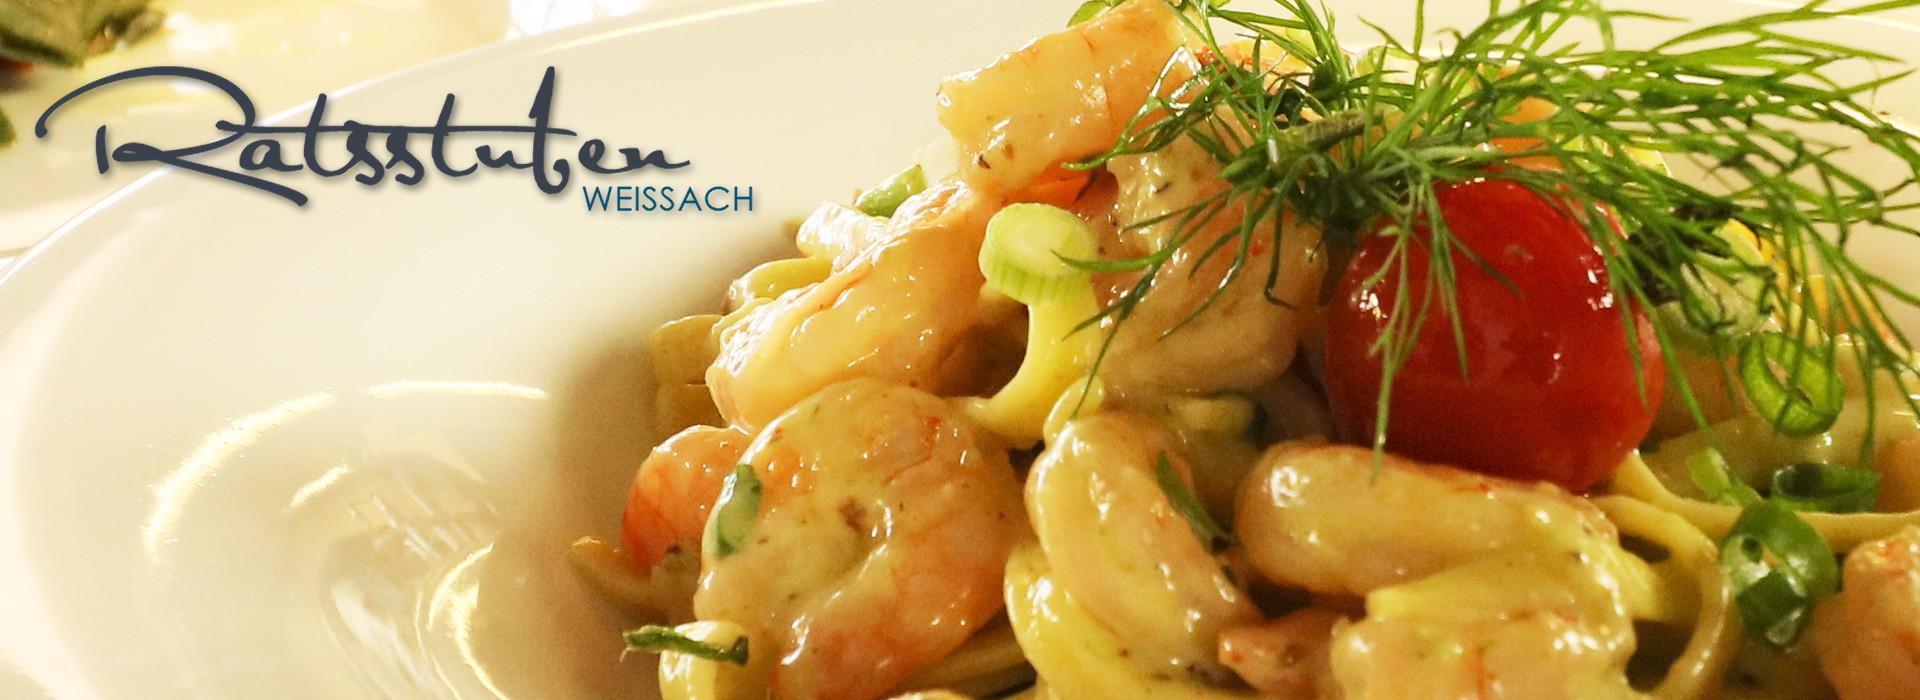 Das Restaurant Ratsstuben finden Sie direkt auf dem Marktplatz in Weissach bei Leonberg / Heimsheim/ Mönsheim.